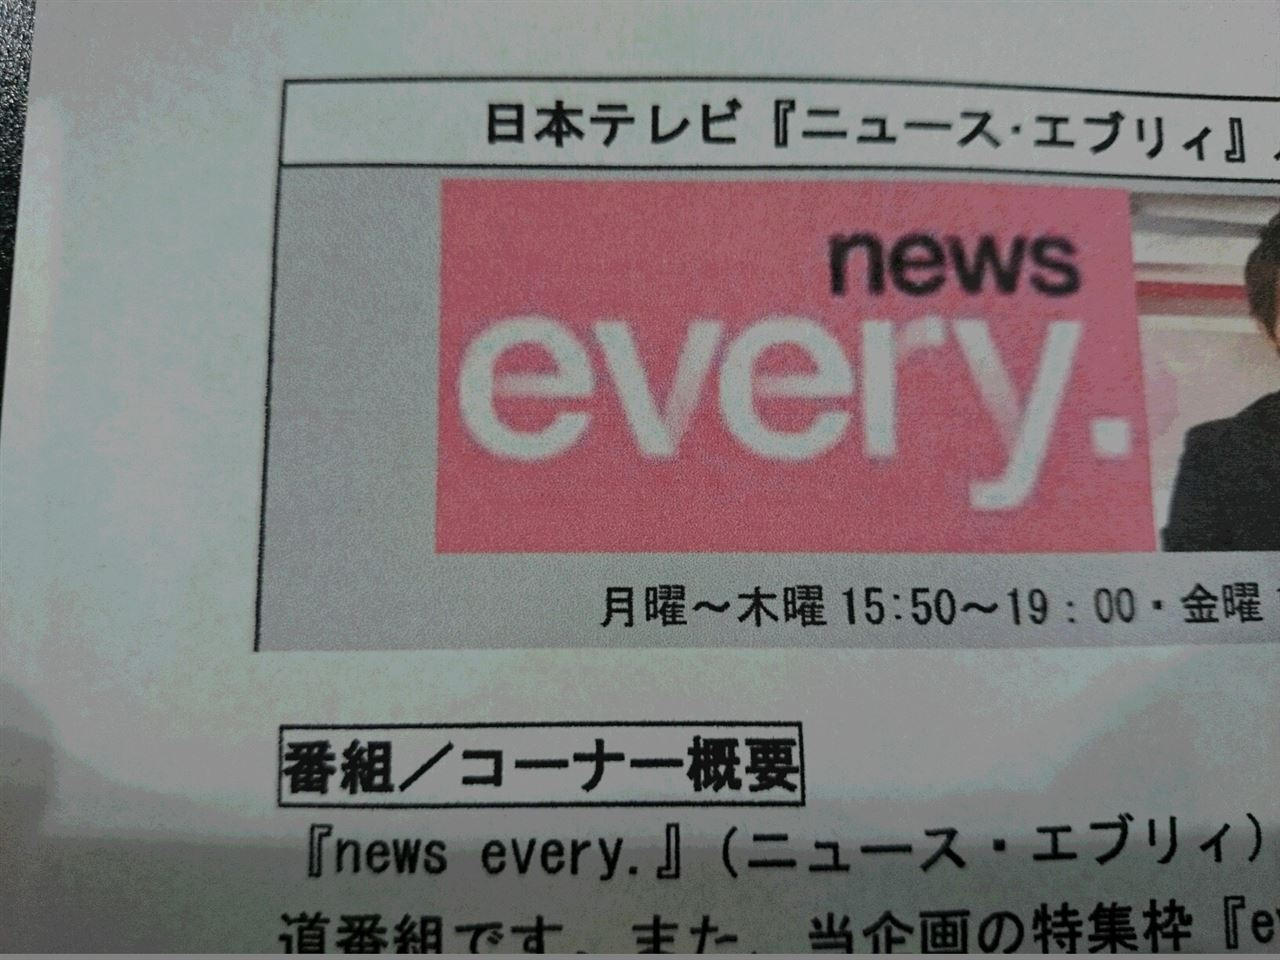 東京都立川市の車の板金塗装修理工場 ガレージローライドの社長のテレビ出演です。